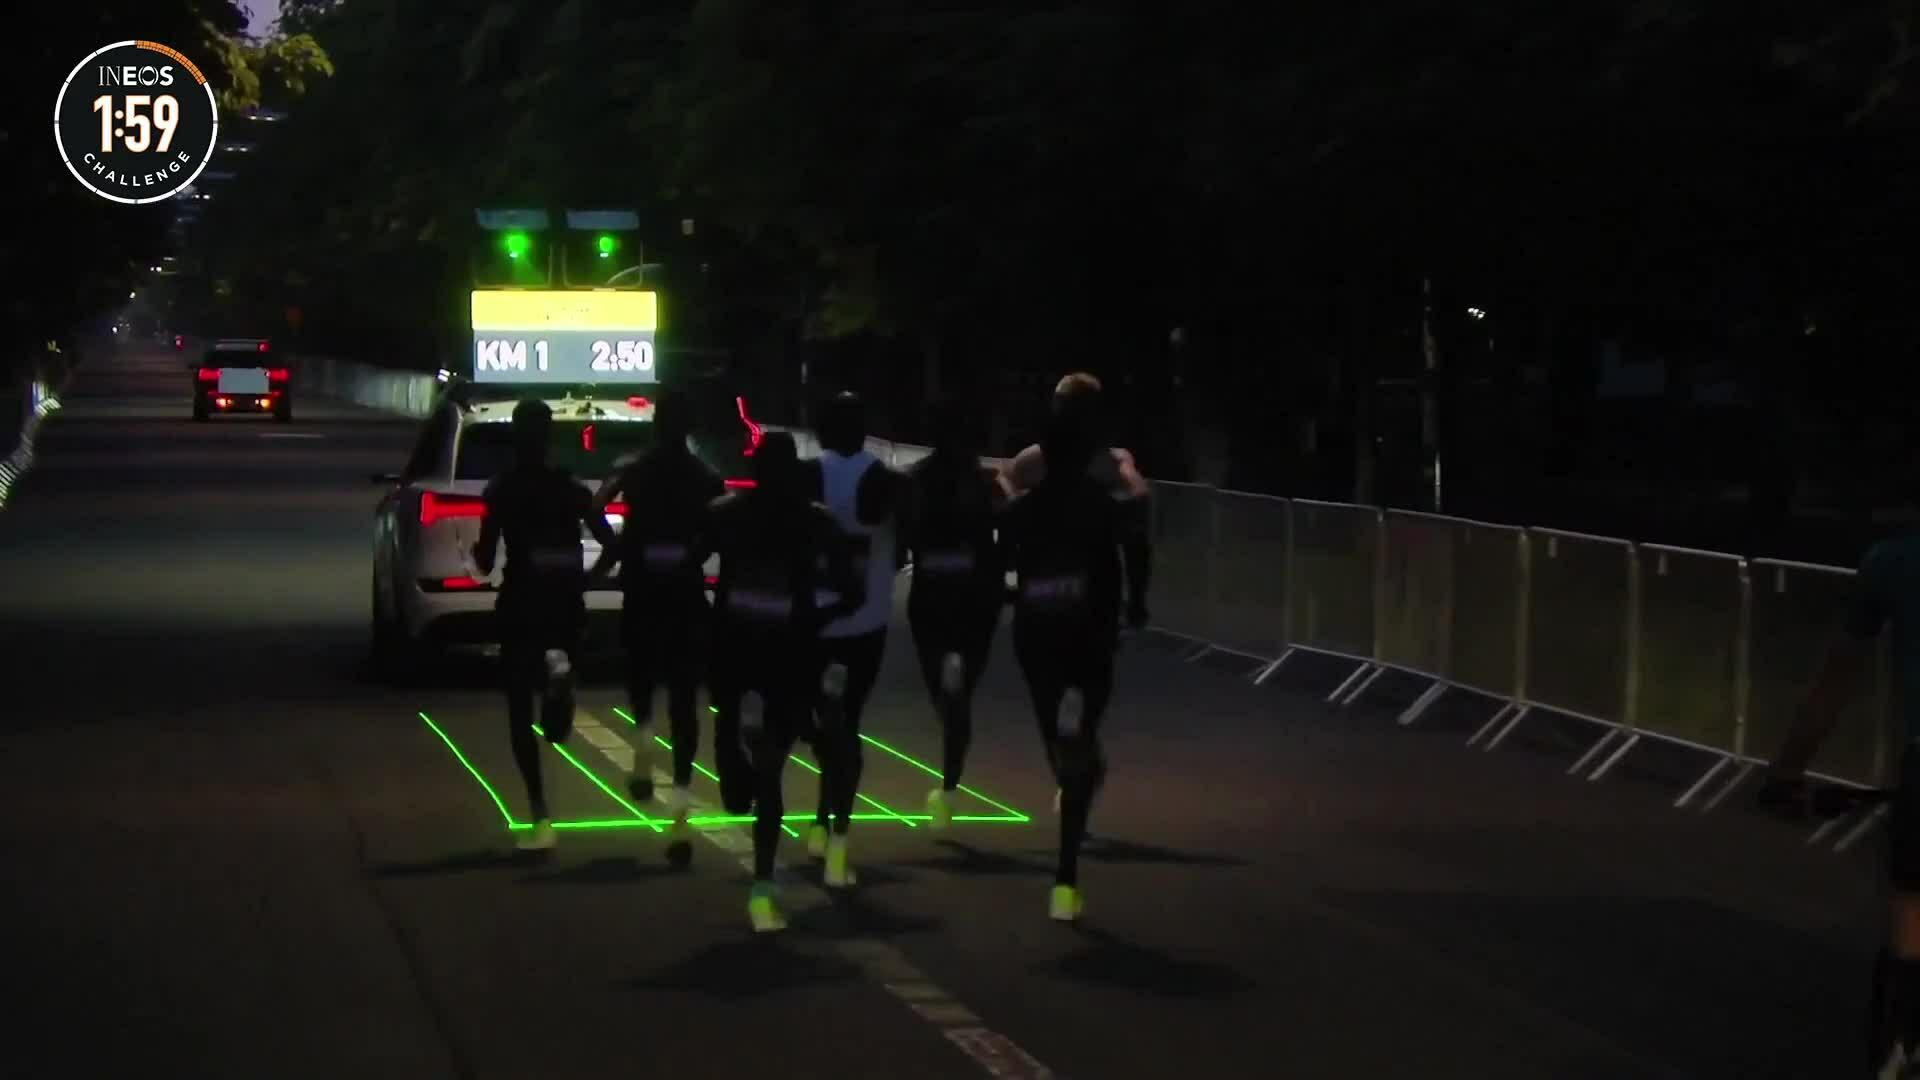 Đội pacer và xe dẫn đường tập dượt để hỗ trợ Kipchoge